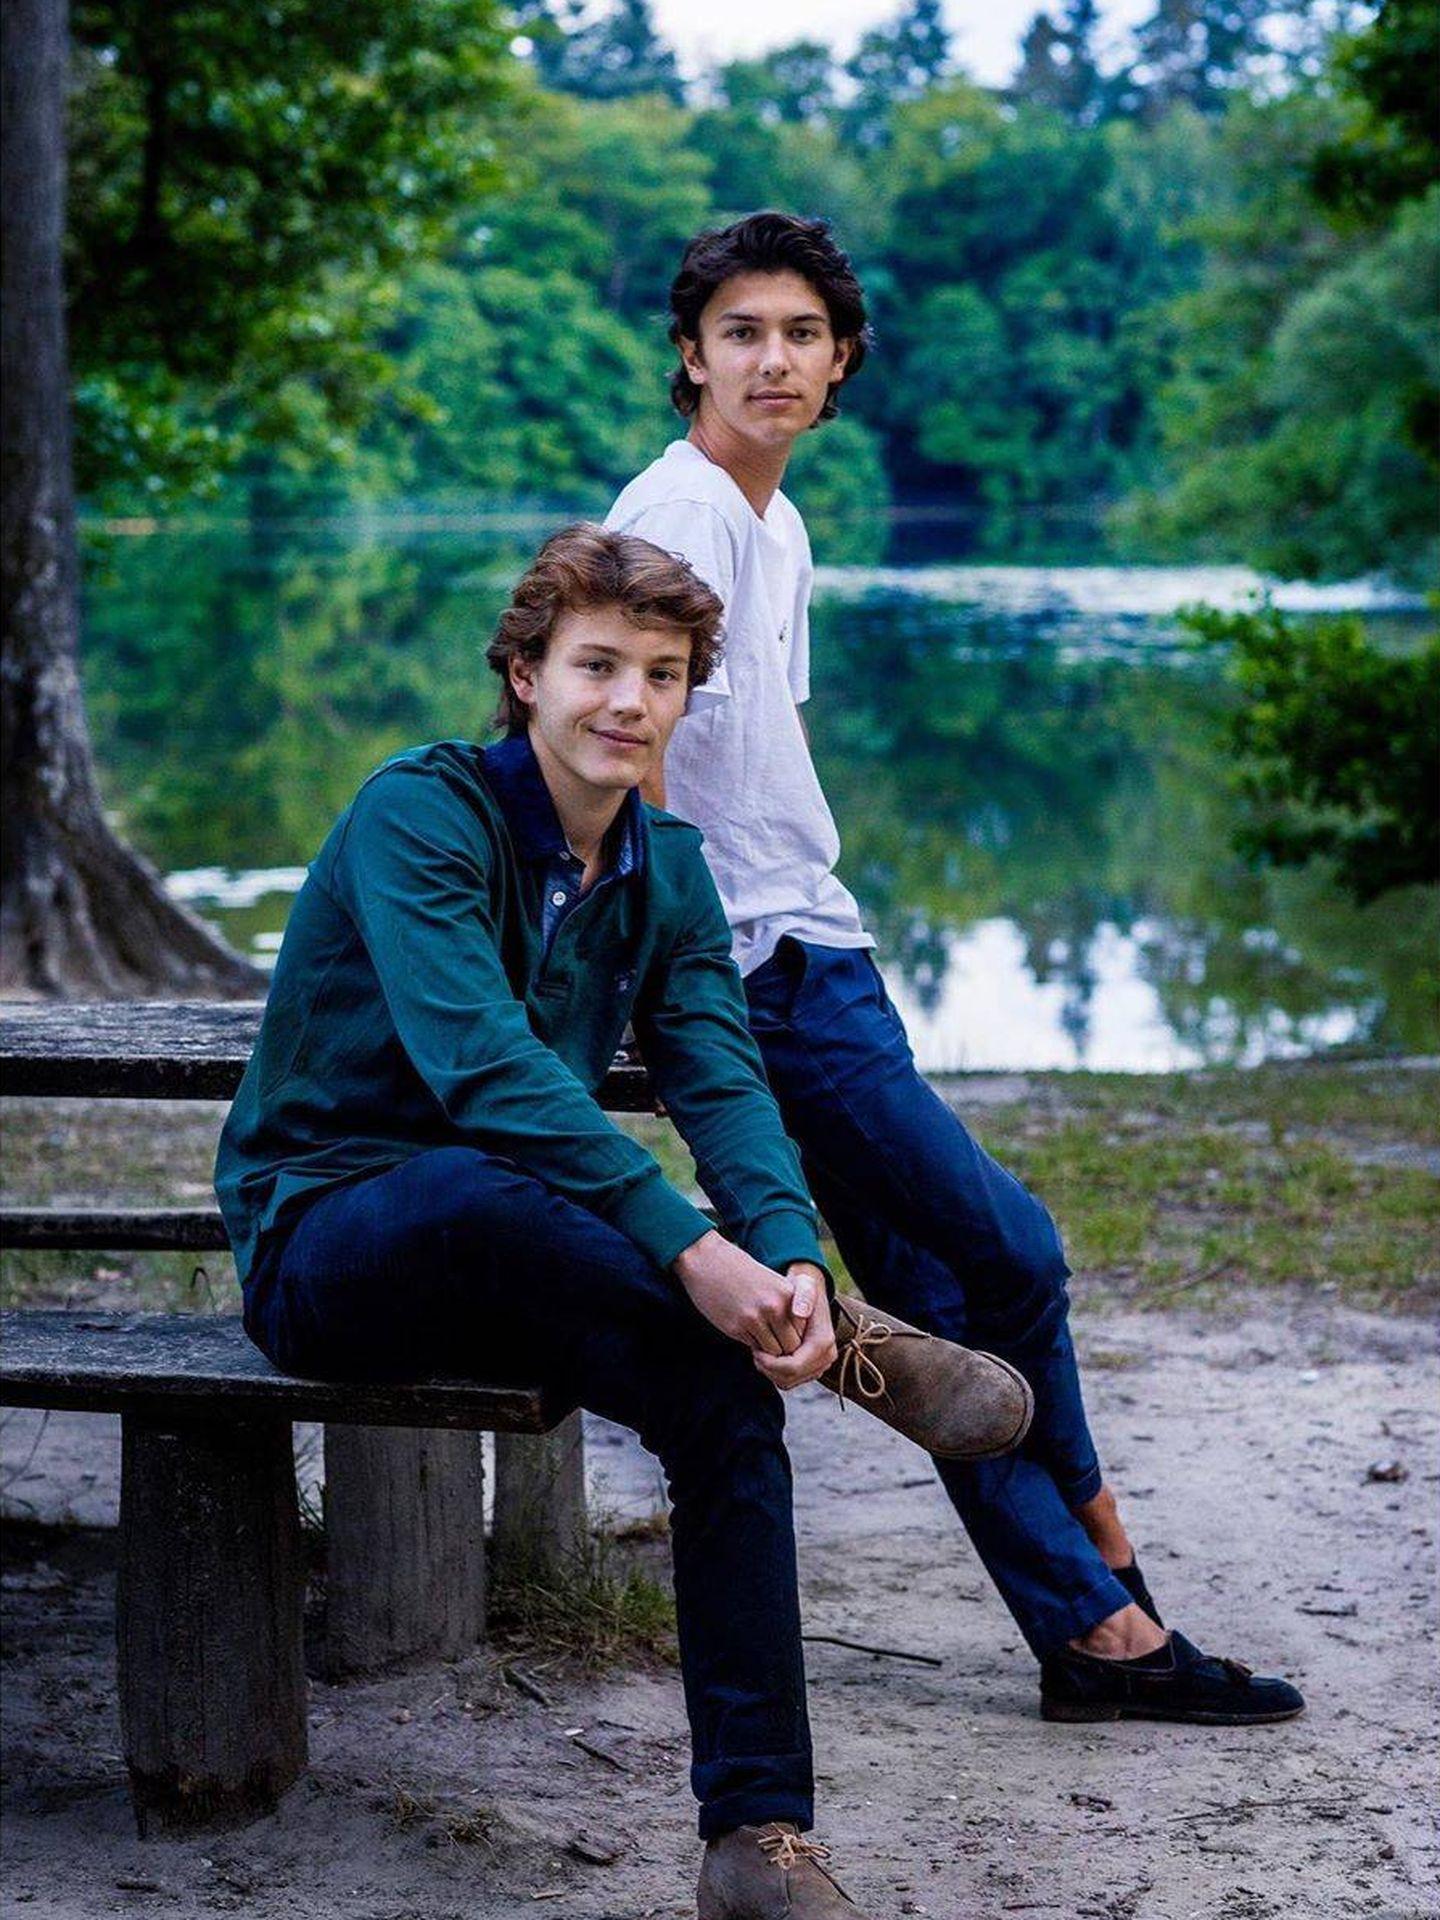 Félix y Nicolás de Dinamarca. (Steen Brogaard / Casa Real)